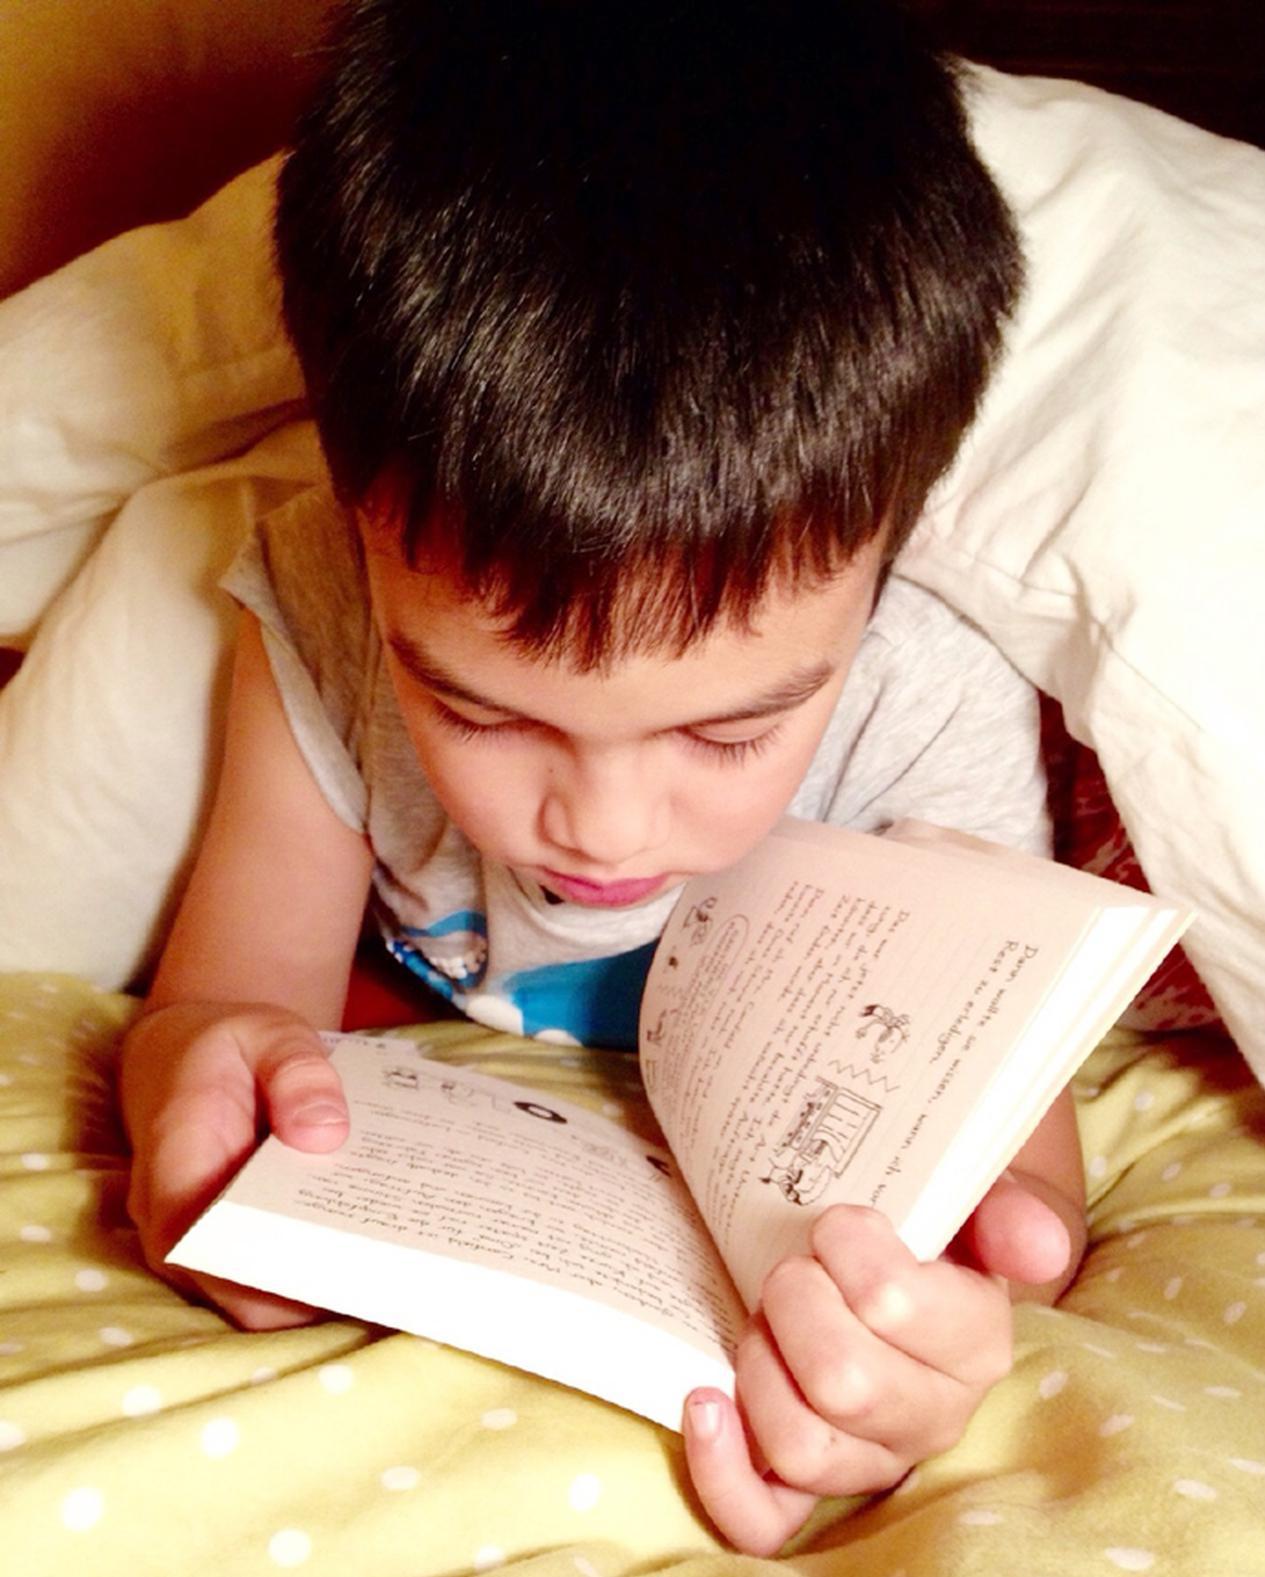 德国是怎样鼓励孩子爱上阅读的?